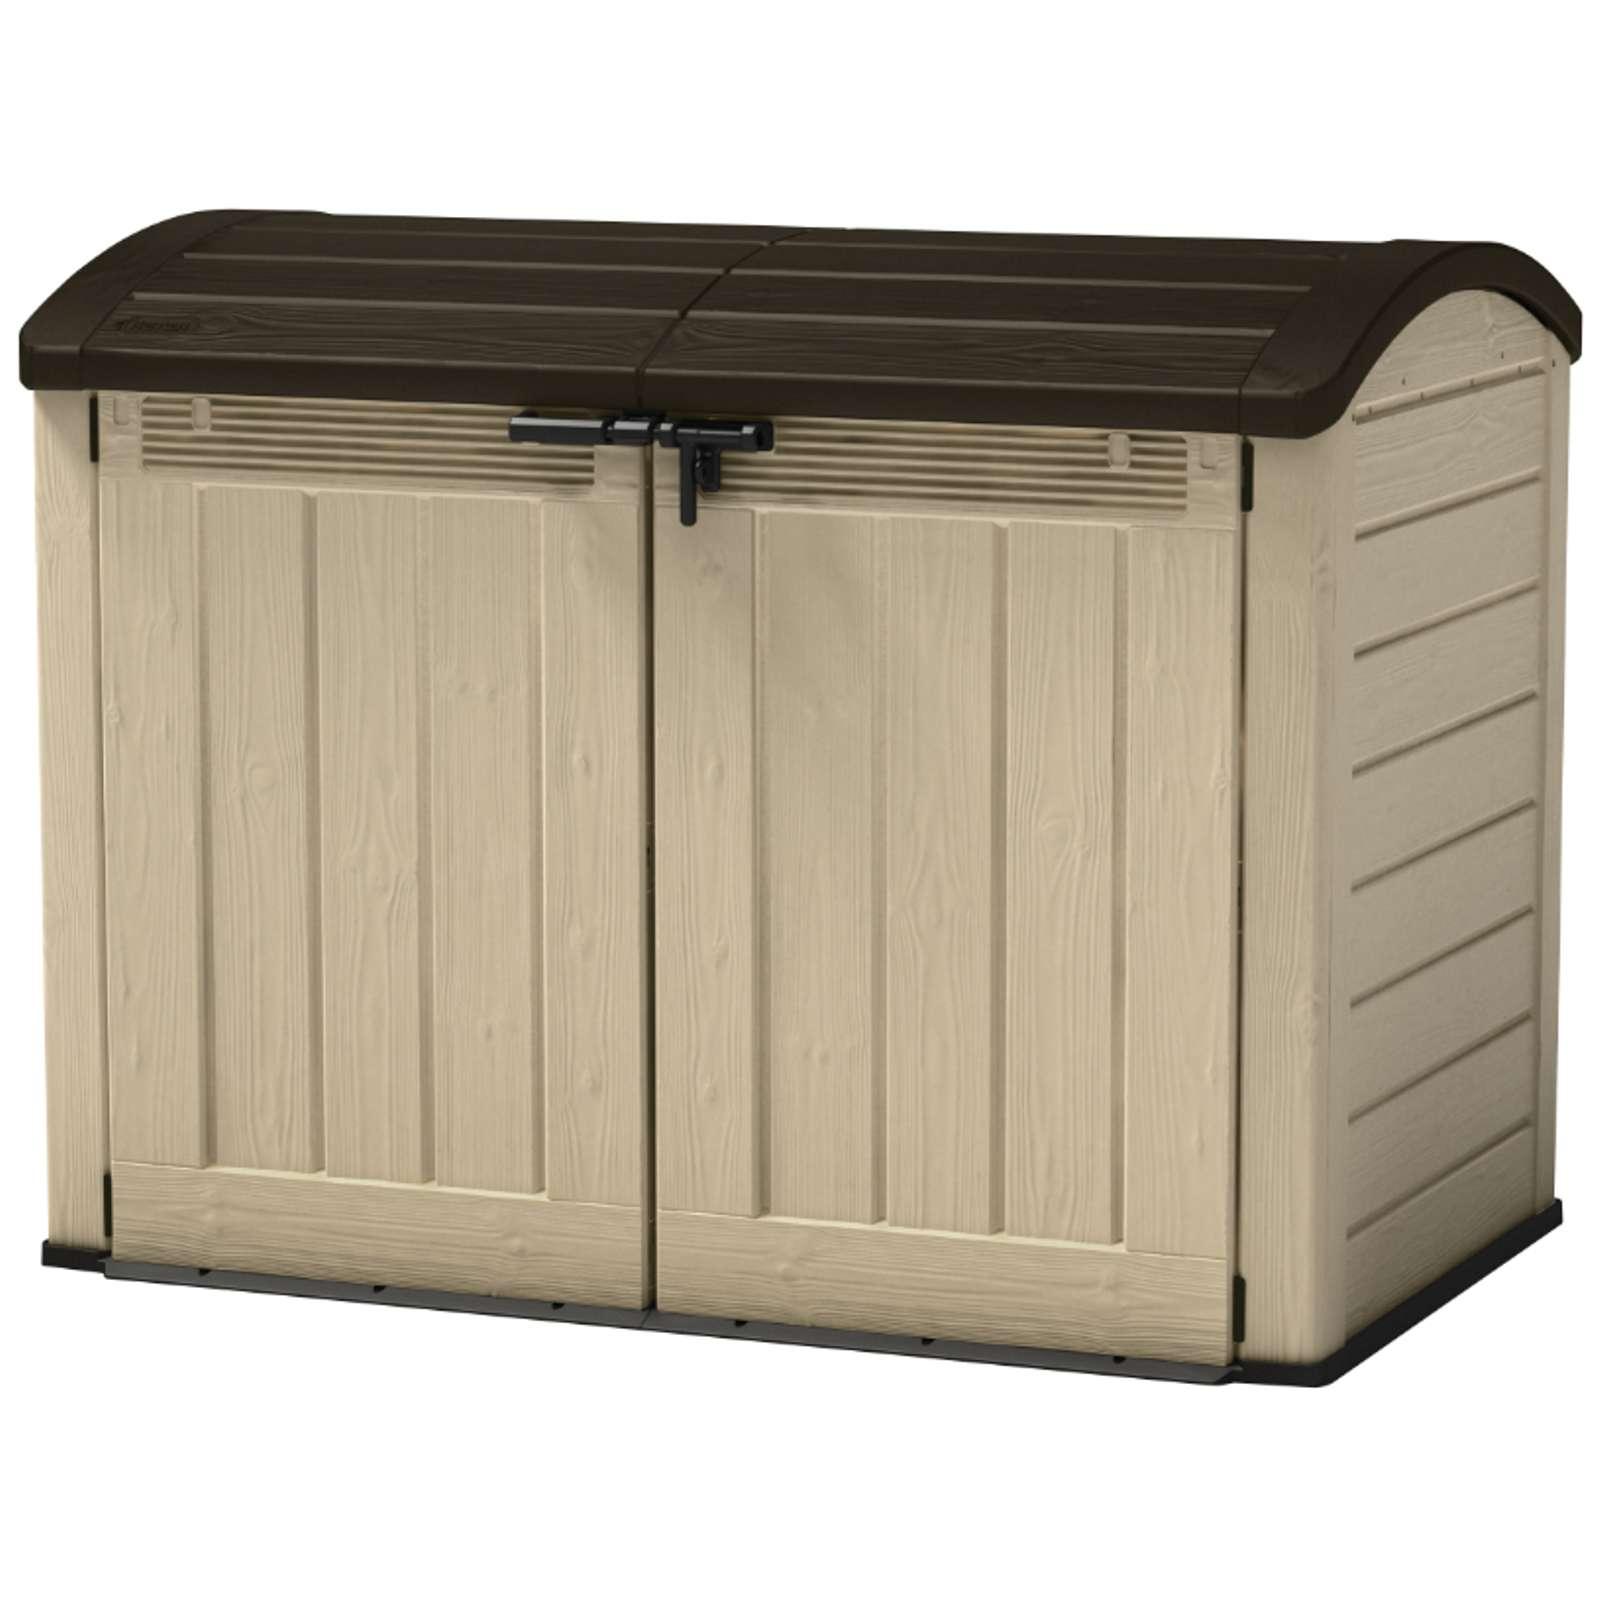 Ящик для хранения Keter STORE IT OUT ULTRA